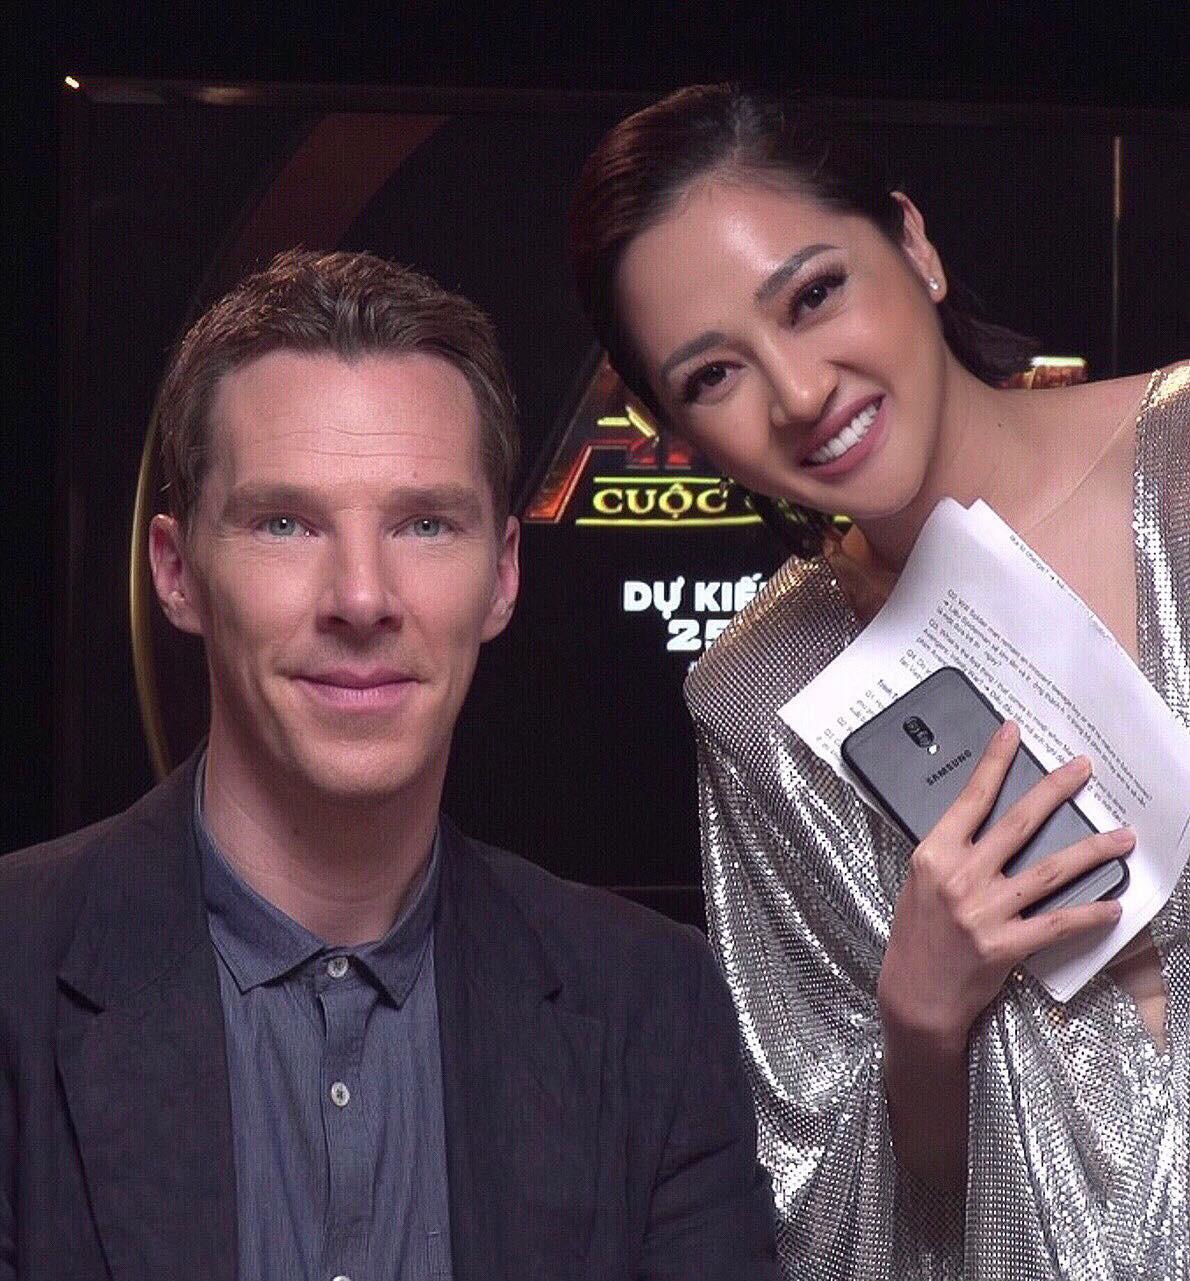 Bảo Anh chụp ảnh với nam diễn viên Dr. Strange Benedict Cumberbatch, nhưng hình như có gì đó sai sai? - Ảnh 2.